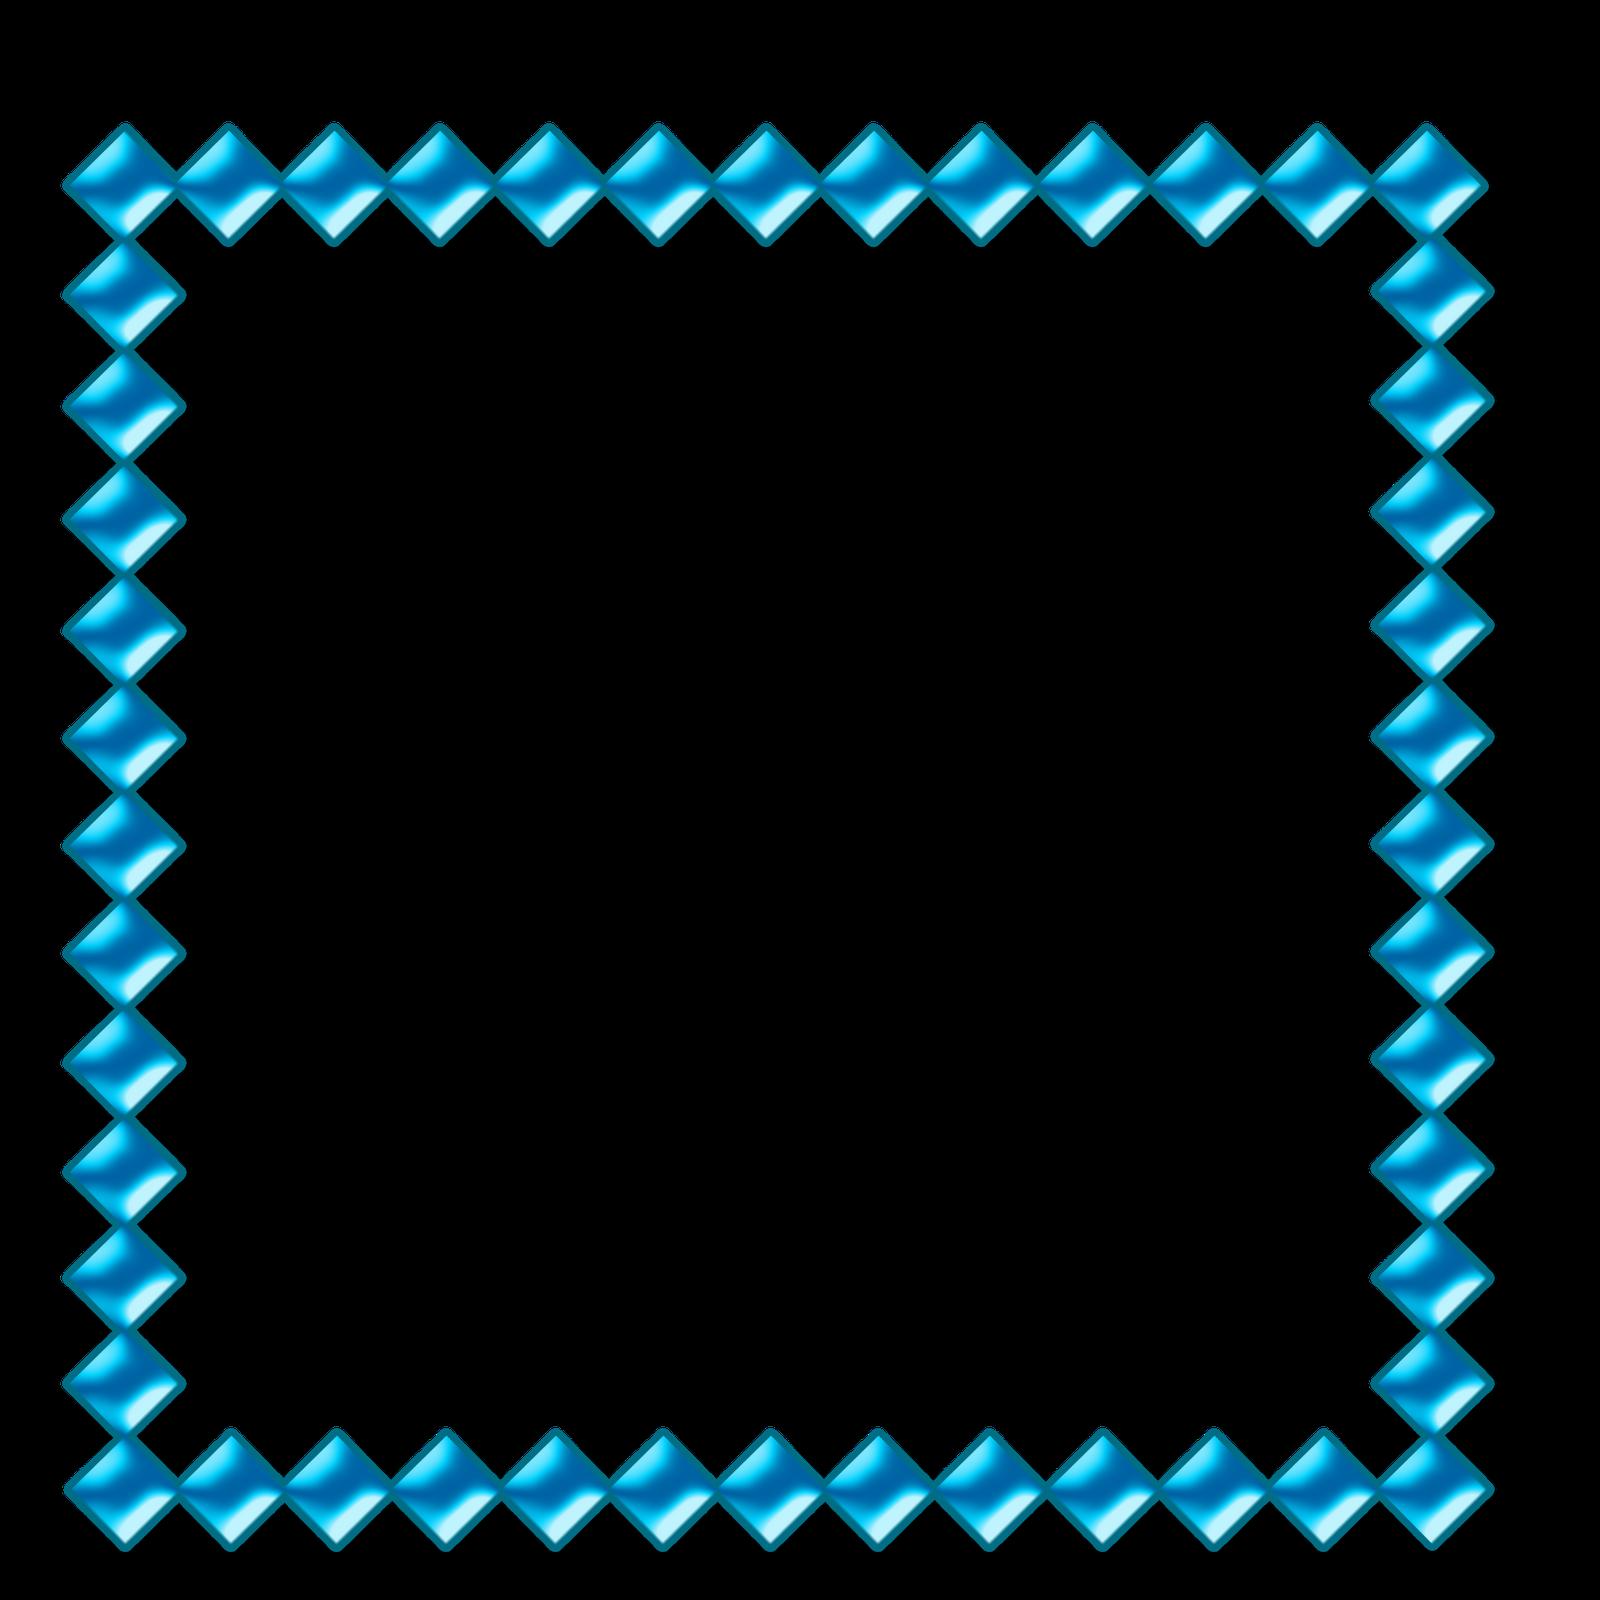 Blue frame png bordas png fundo transparente imagens para photoshop borders pinterest - Marcos transparentes ...